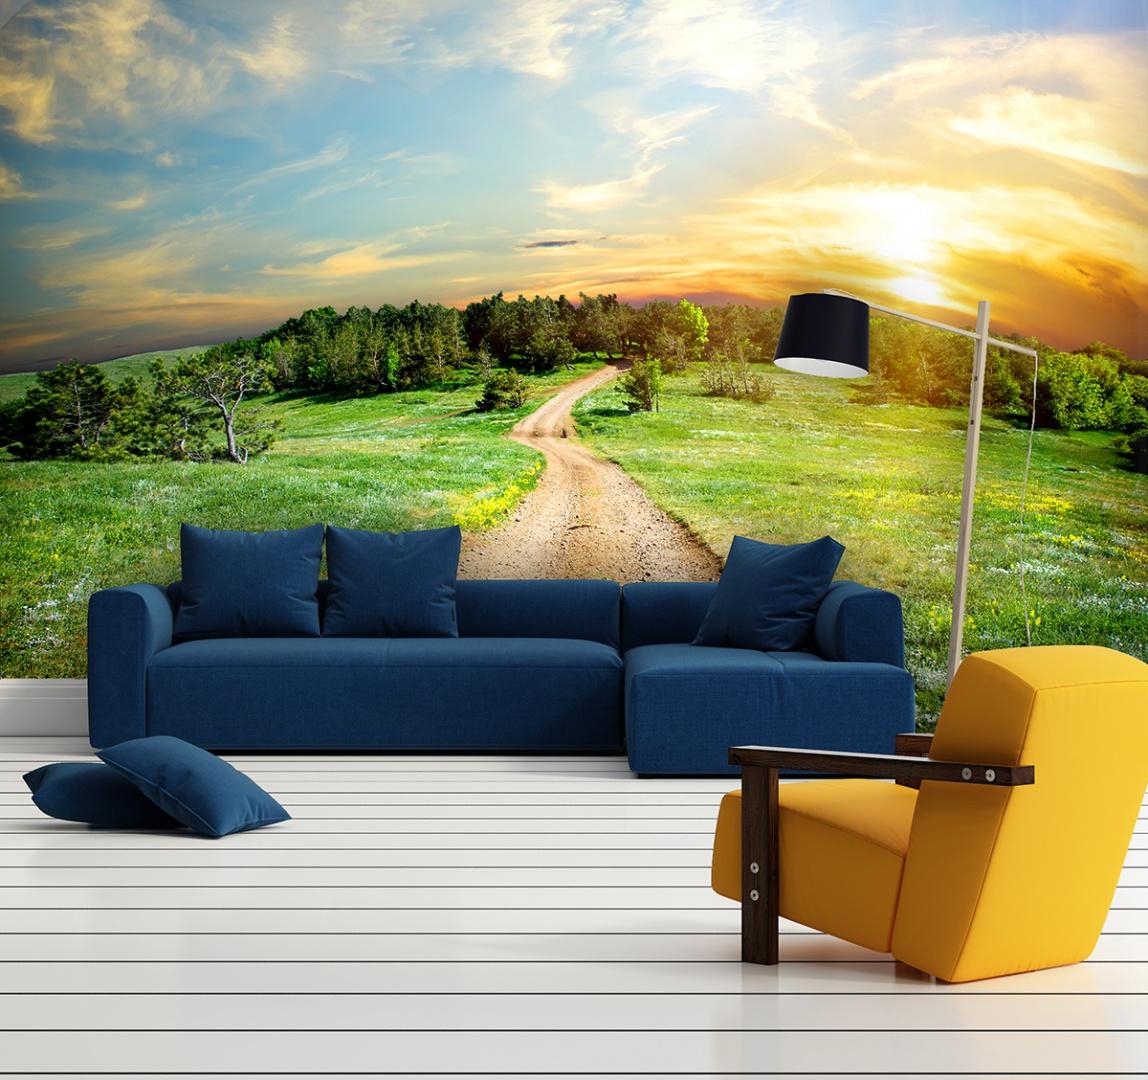 Kolorowy krajobraz nie tylko nadaje aranżacji wnętrza radosny wyraz, ale również sprawia, że salon wydaje się większy dzięki daleko poprowadzonej perspektywie polnej drogi. Fot. Livingstyle